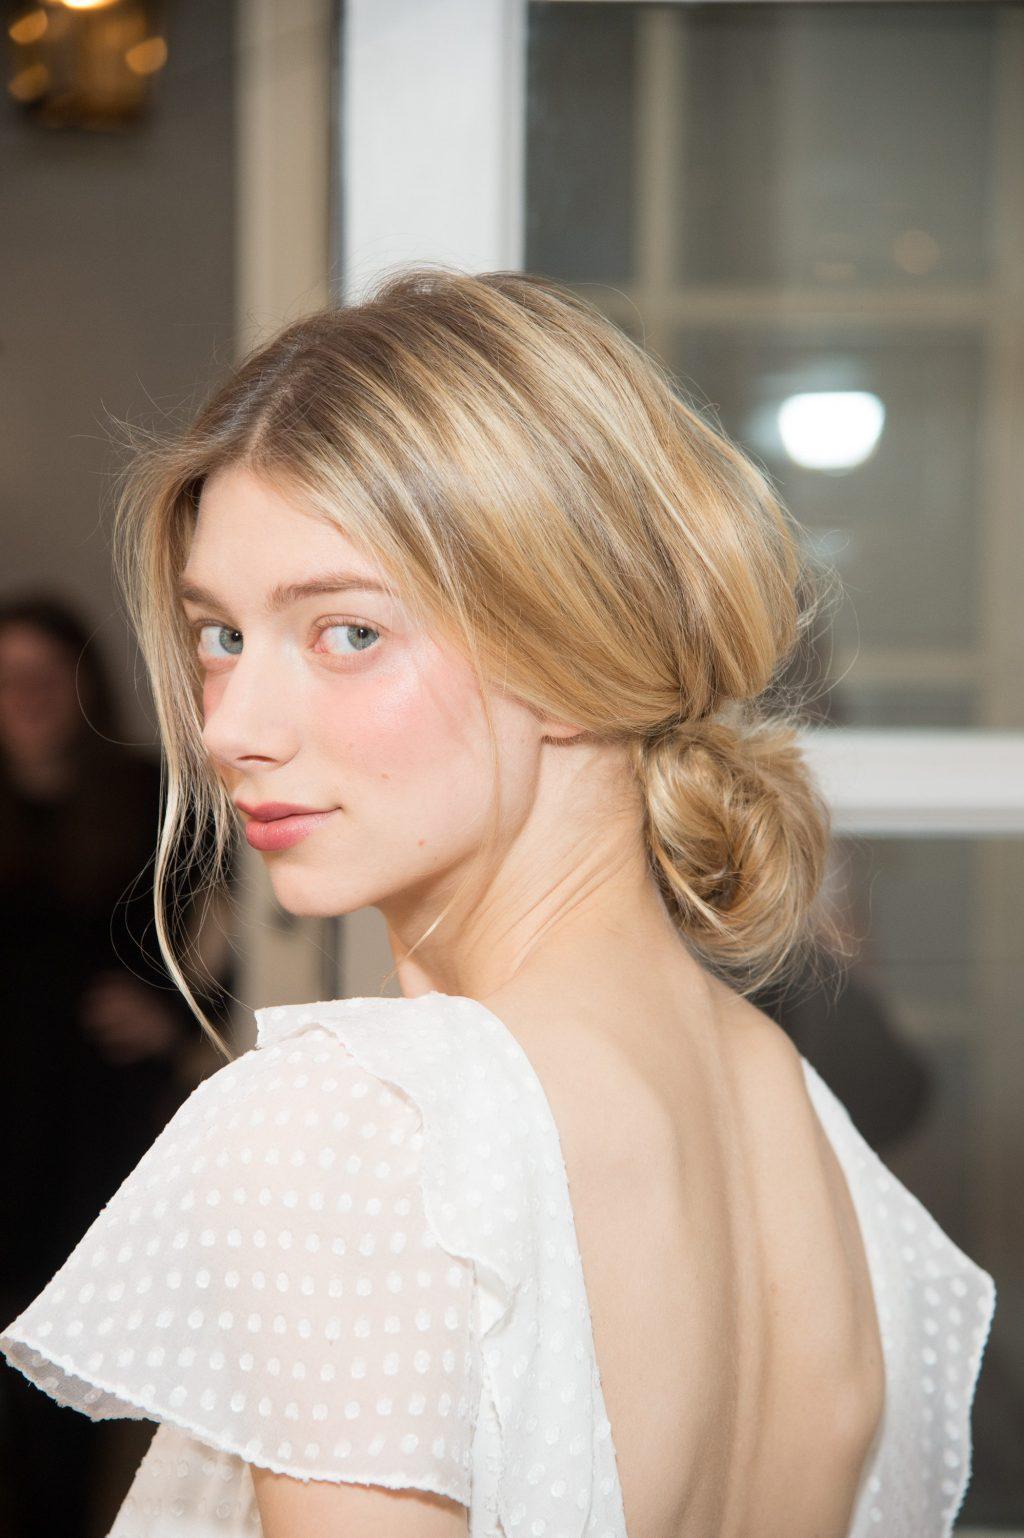 kiểu tóc búi lỏng phía sau phù hợp cho những cô dâu thích phong cách thời trang nền nã